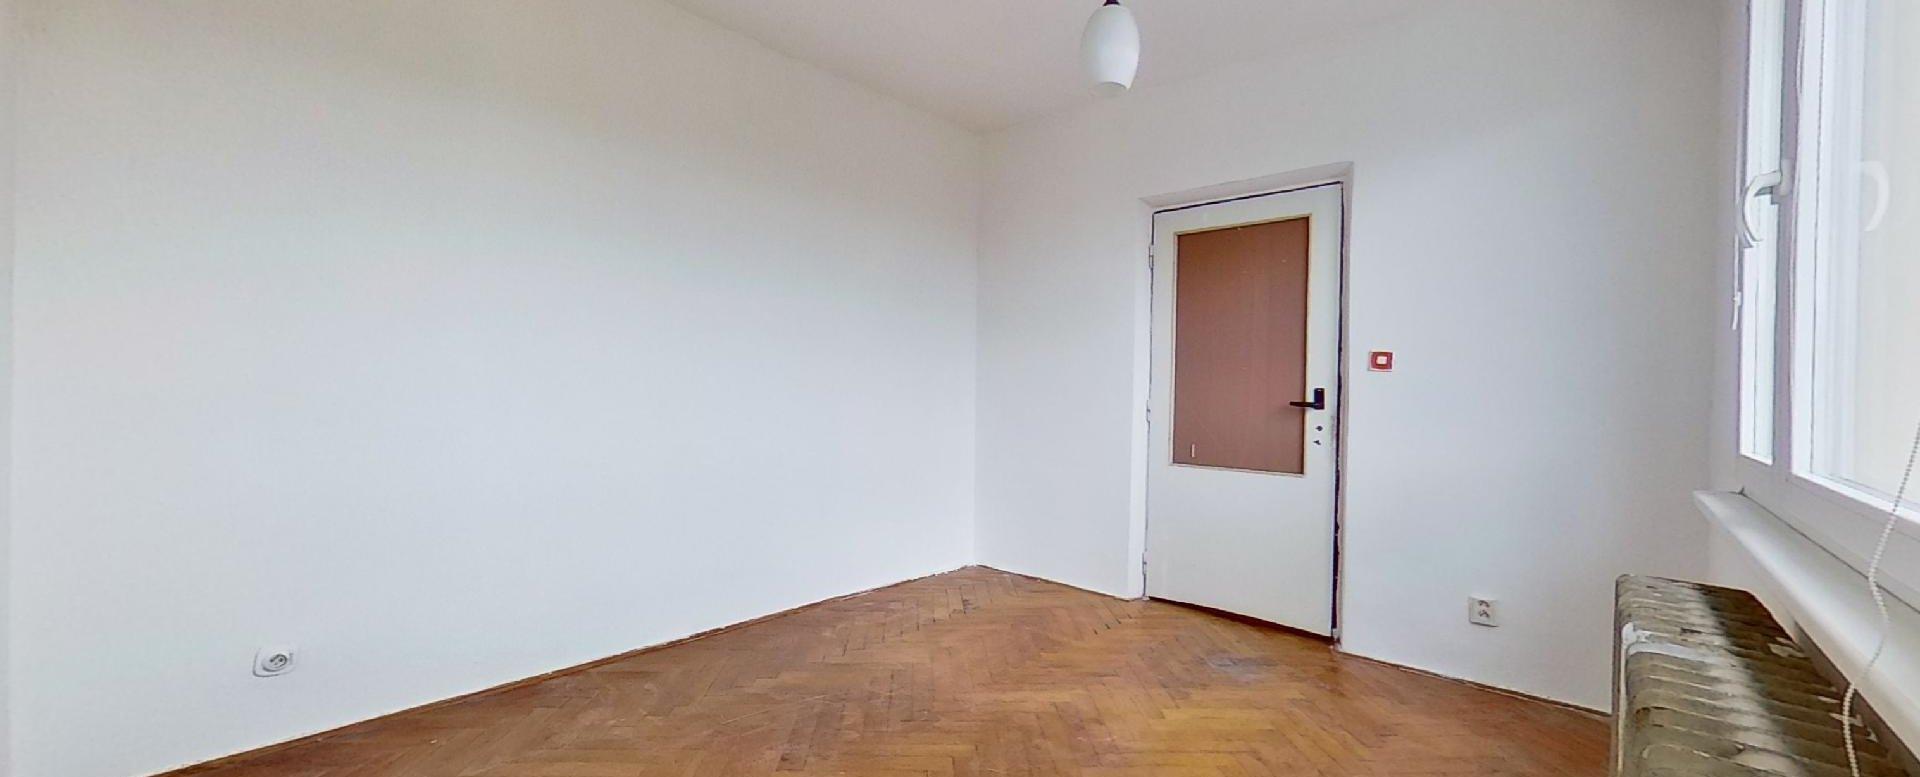 Spálňa s pôvodnými drevenými parketami